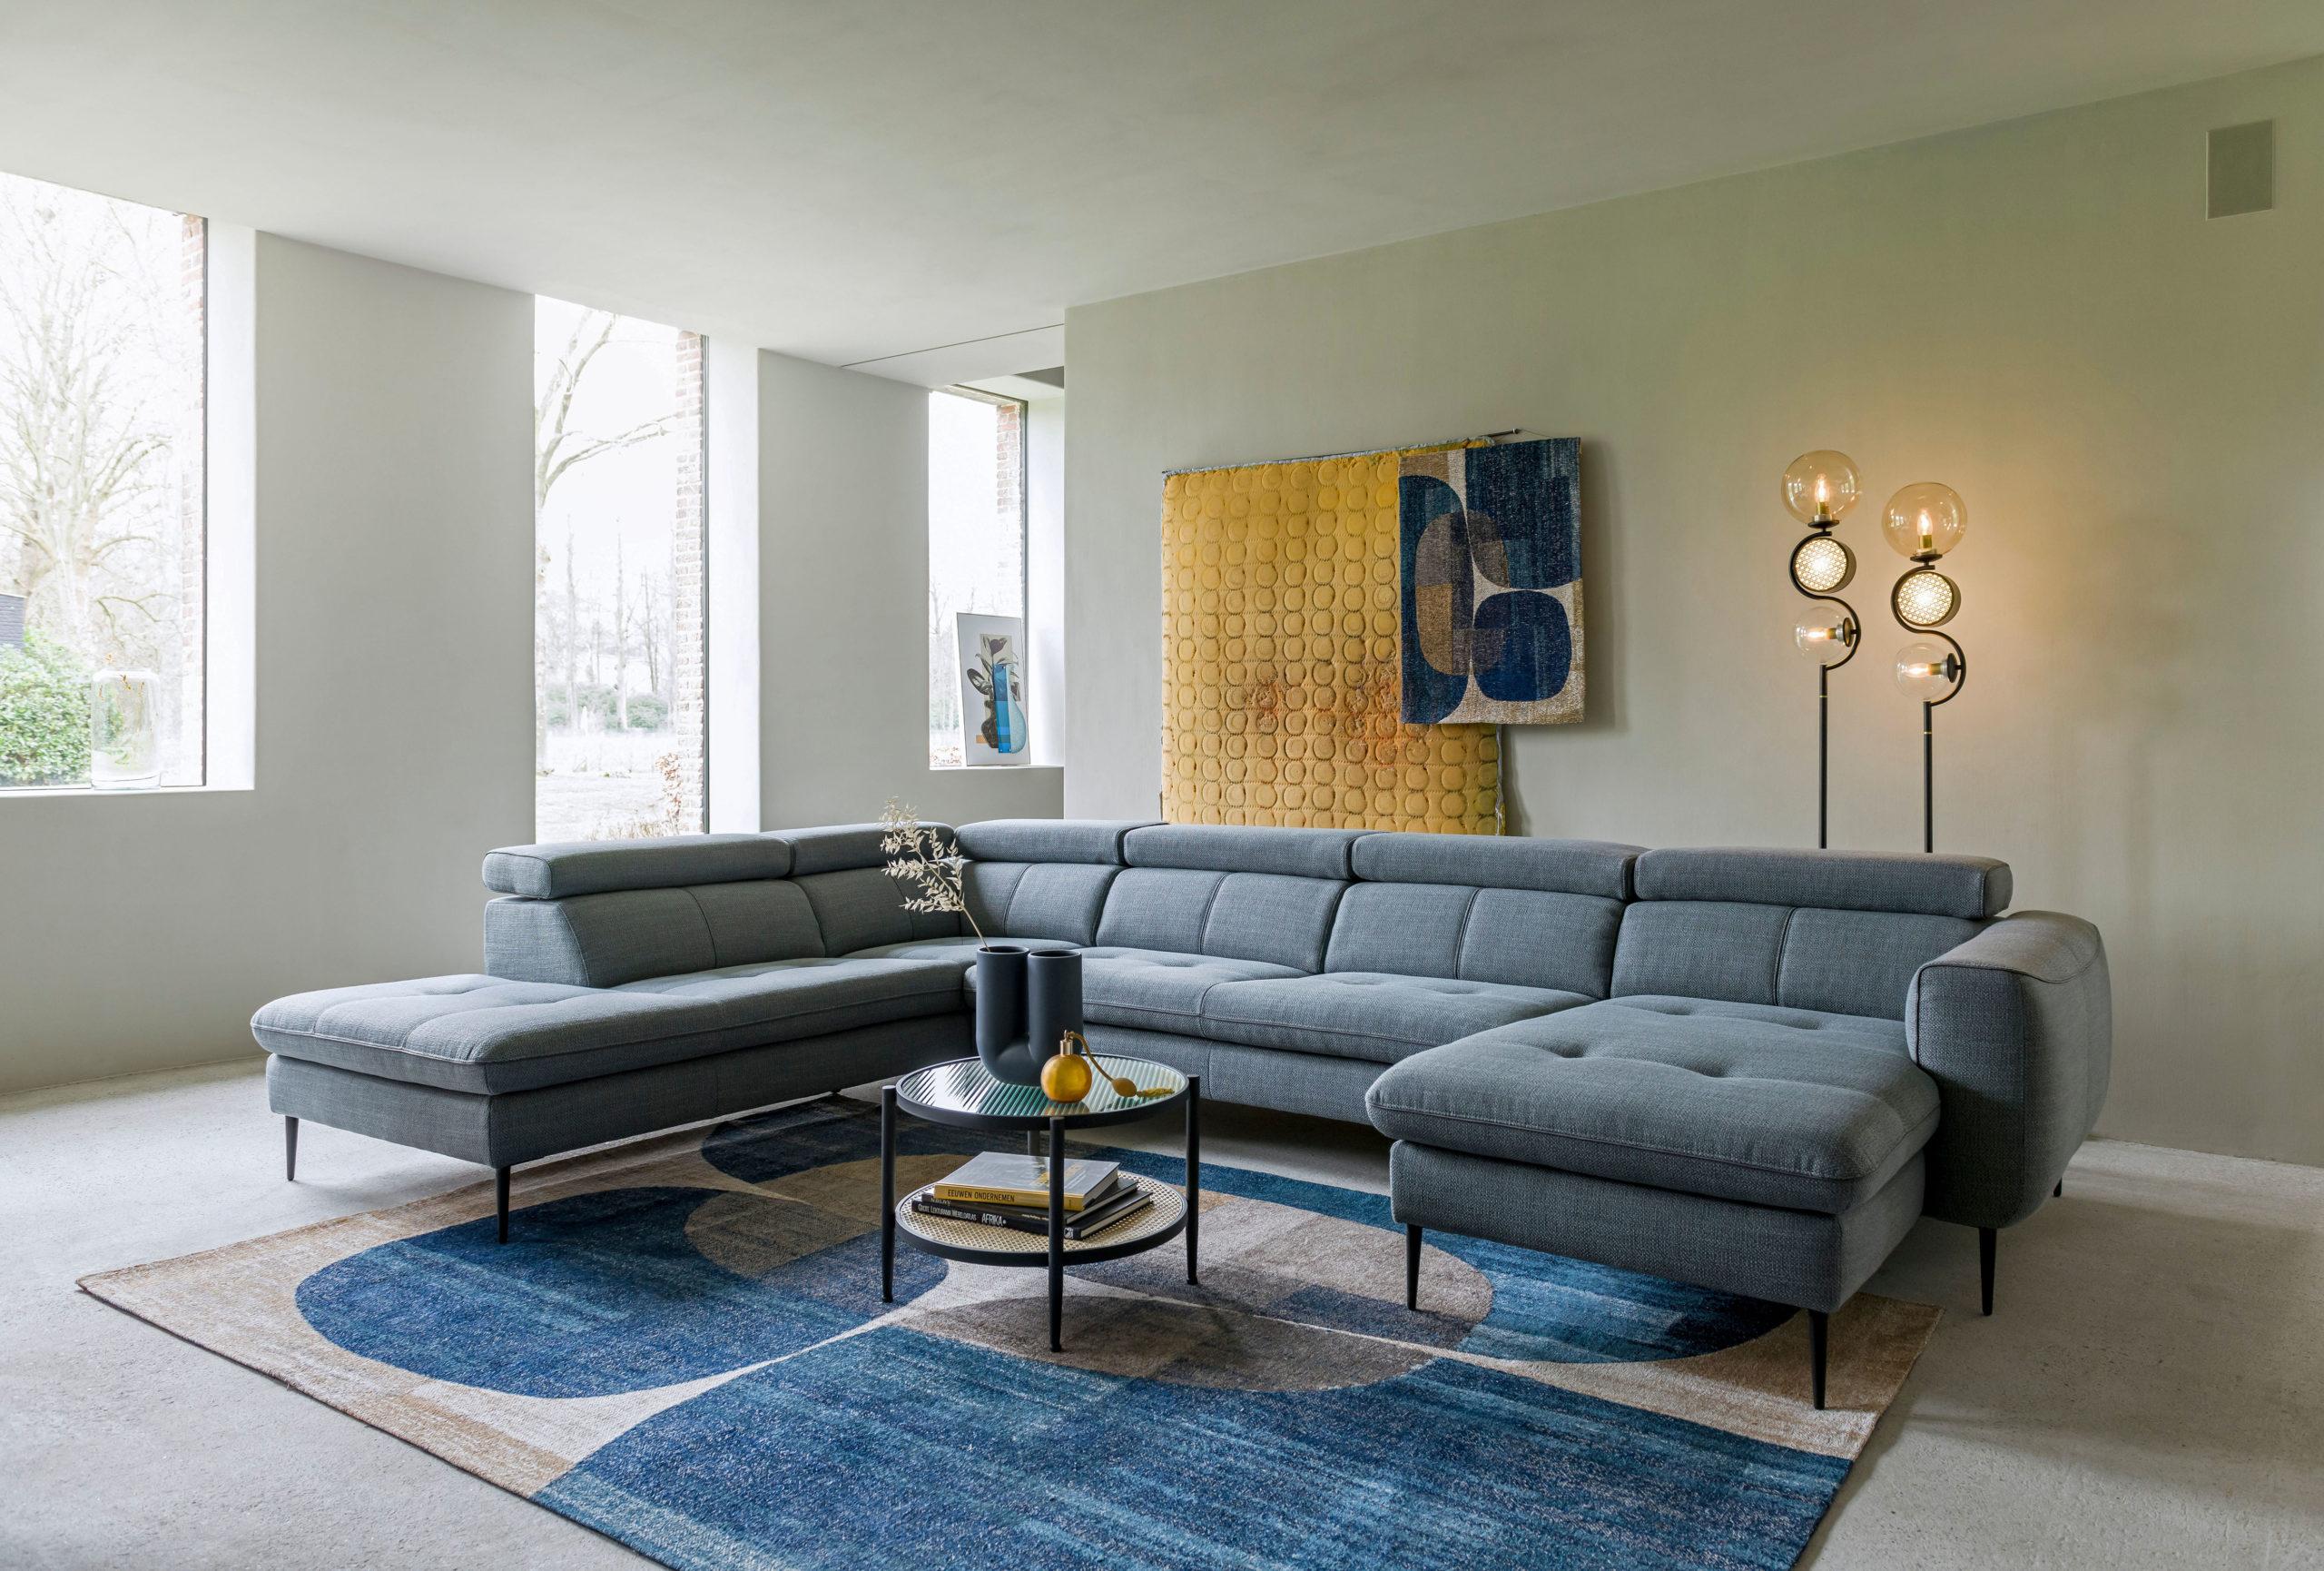 Wohnzimmer im Japandi-Stil